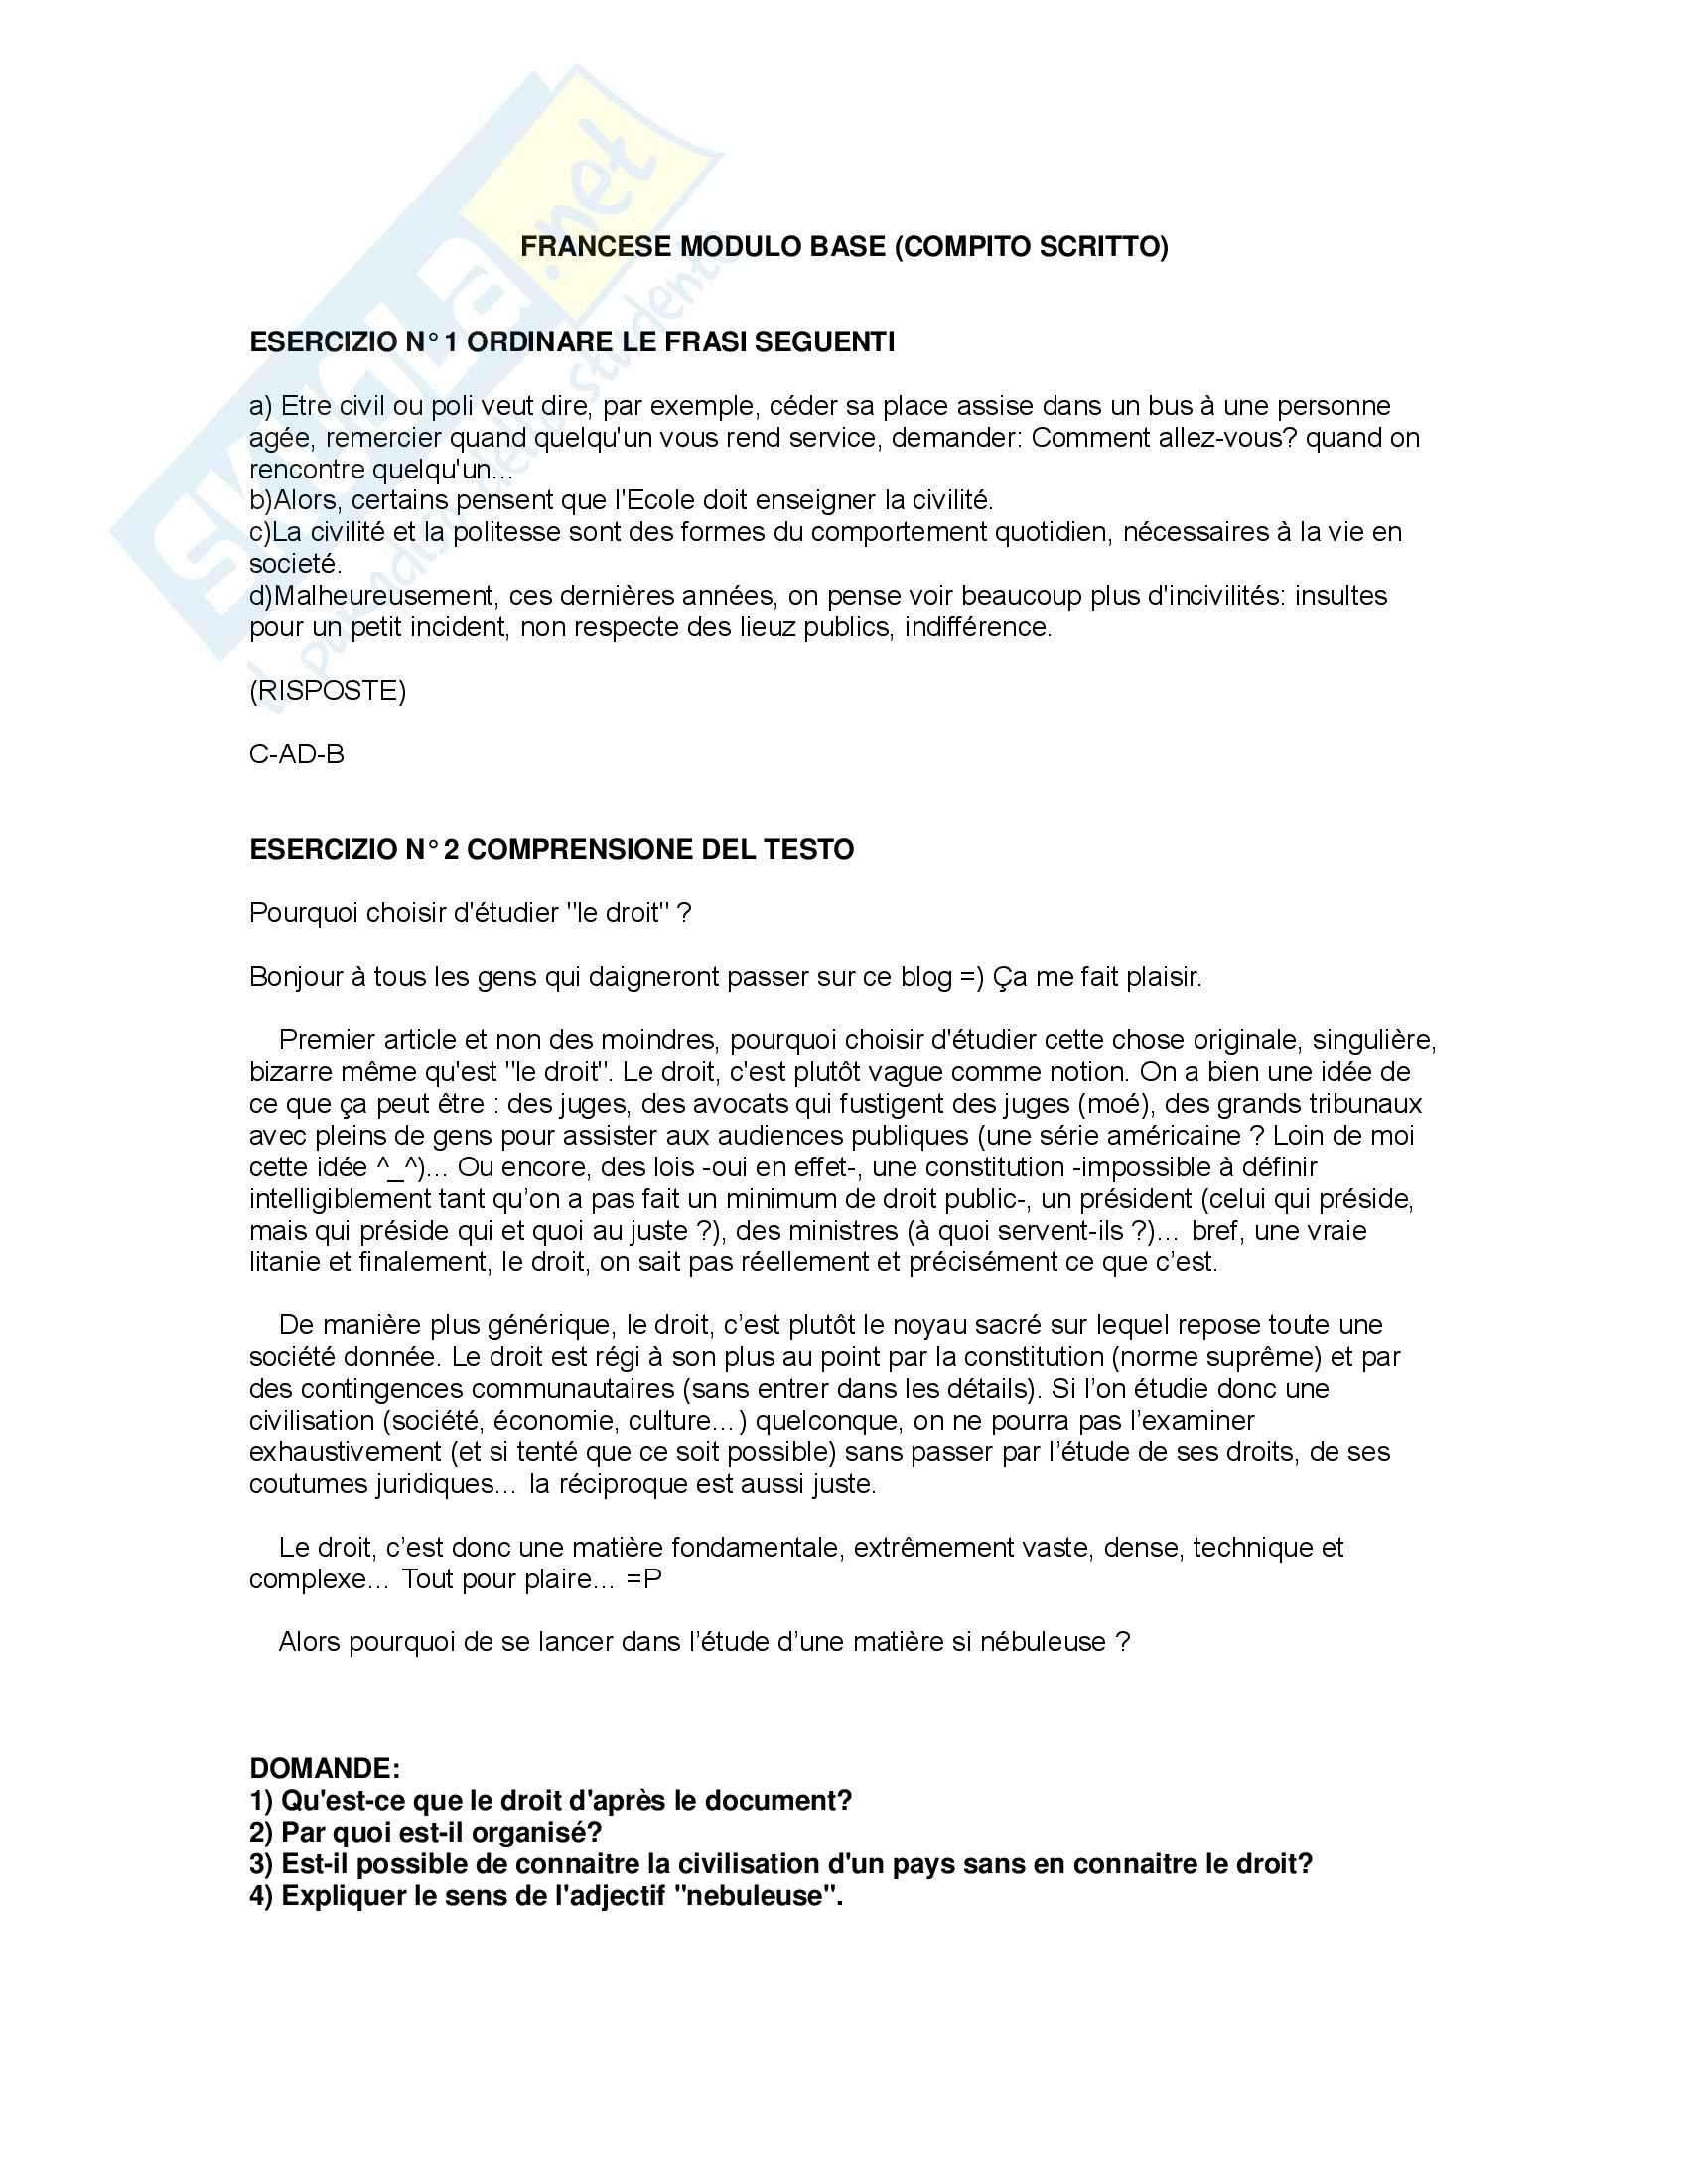 Lingua giuridica francese esercizi for Domande per i costruttori di case